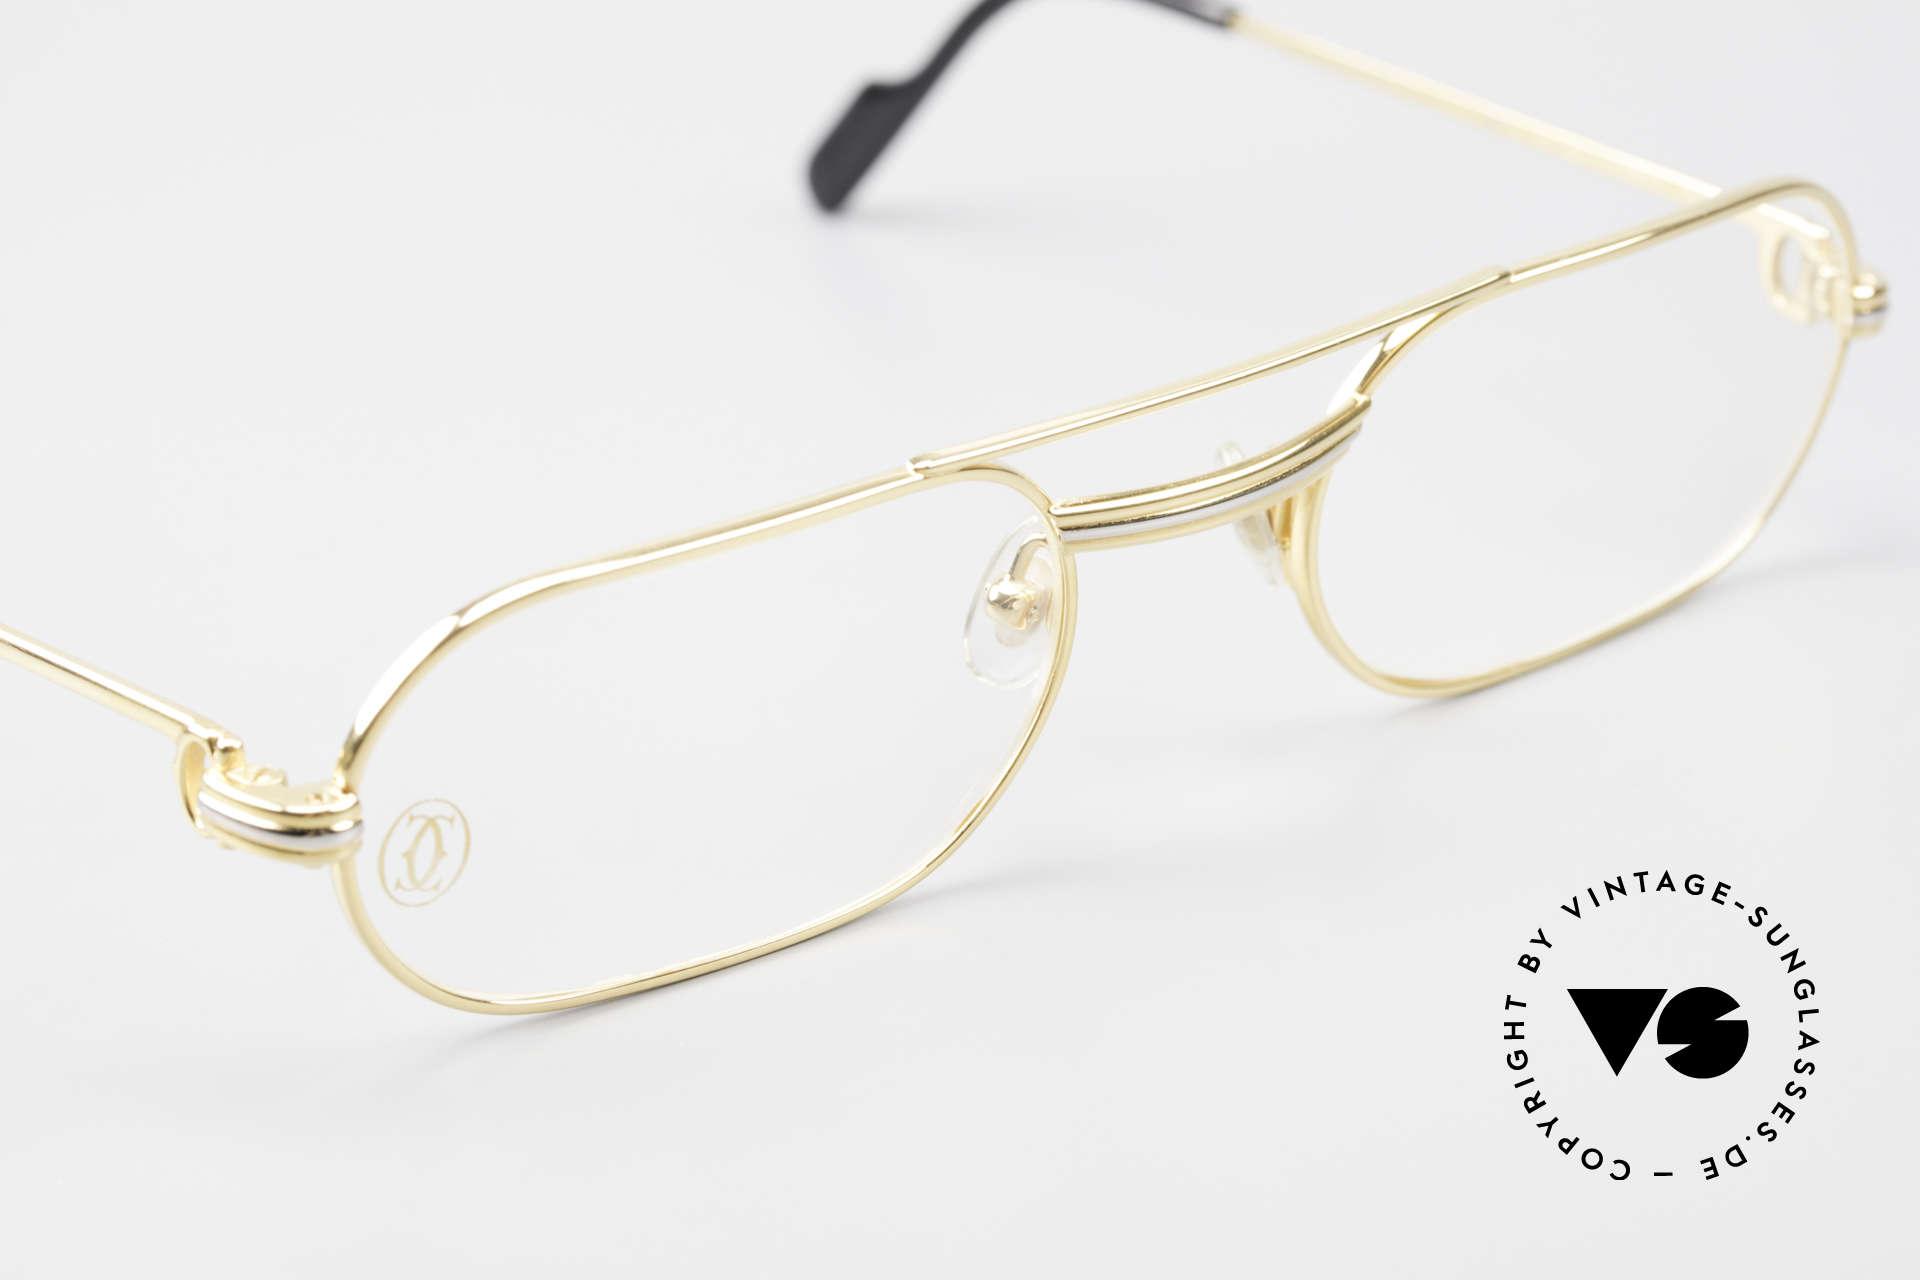 Cartier MUST LC Rose - S Limitierte Rosé Gold Brille, ungetragen mit OVP (in diesem Zustand sehr selten), Passend für Herren und Damen